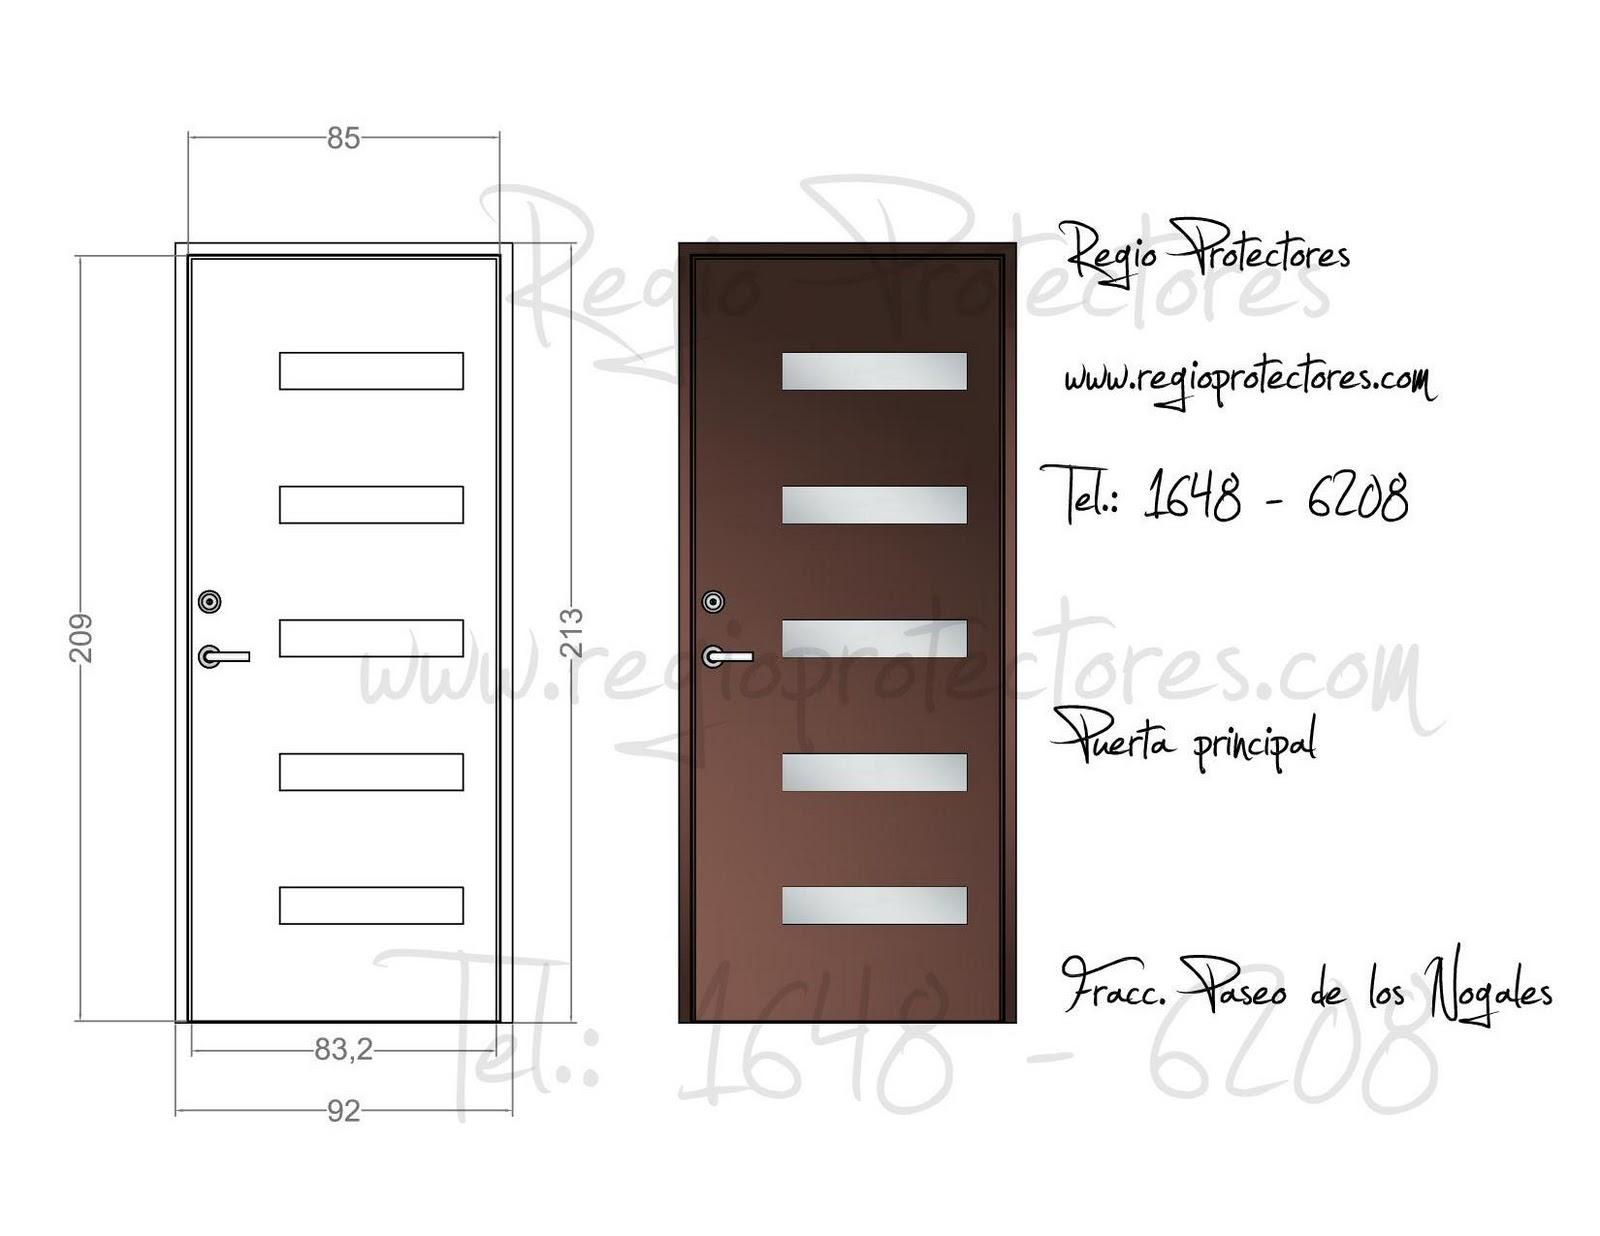 de+los+Nogales+%23223%2C+Plano+de+fabricaci%C3%B3n+de+Puerta+Principal